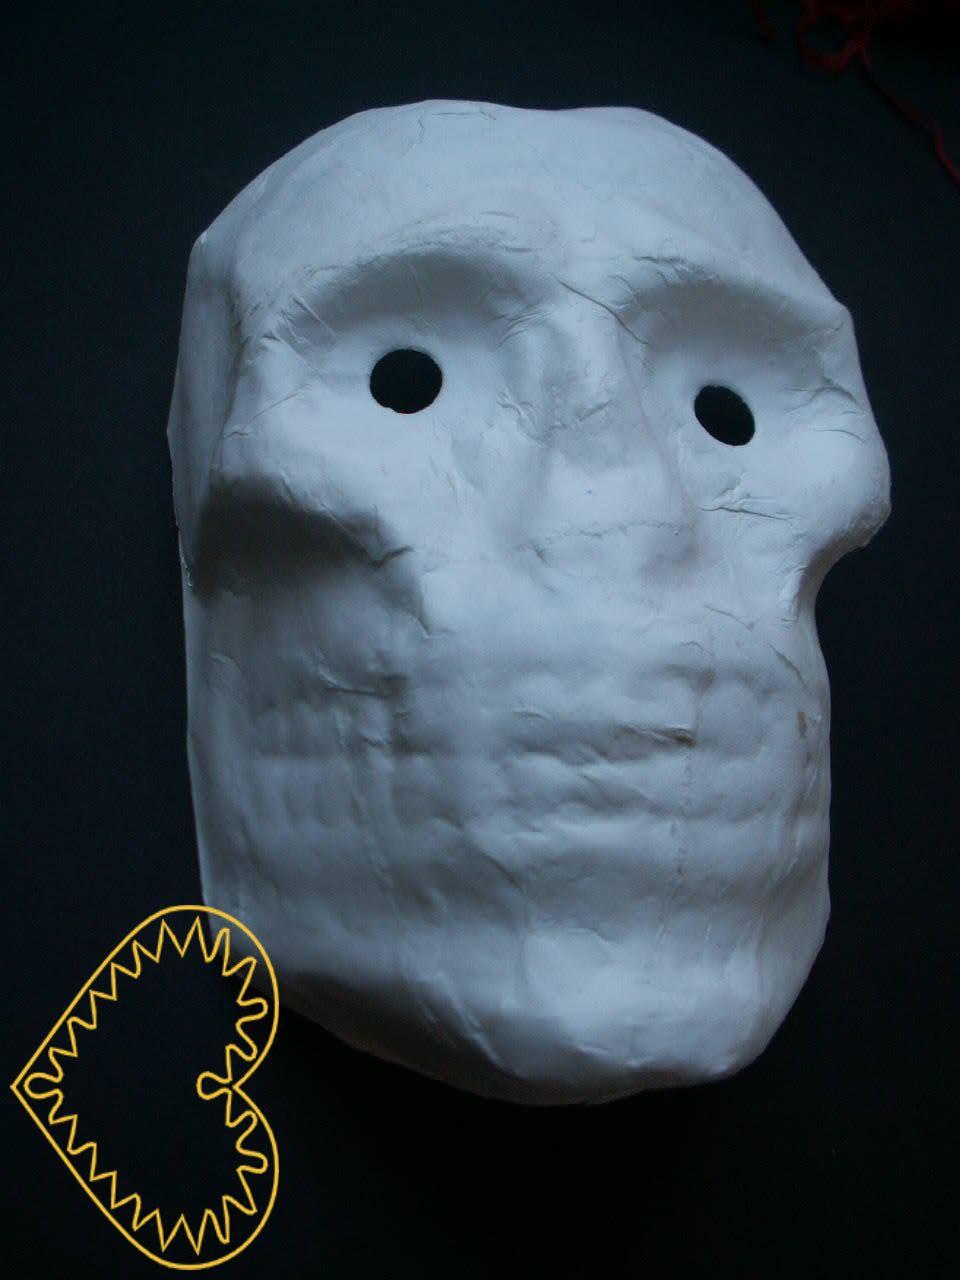 Ručně vylepovaná papírová maska - smrtka. Jedná se o polotovar k dotvoření. Maska má vzadu přidělanou gumičku k upevnění na hlavě. Masku můžete namalovat dle své fantazie vodovými barvami, temperami, akrylovými barvami či fixami nebo pastelkami. Dopo